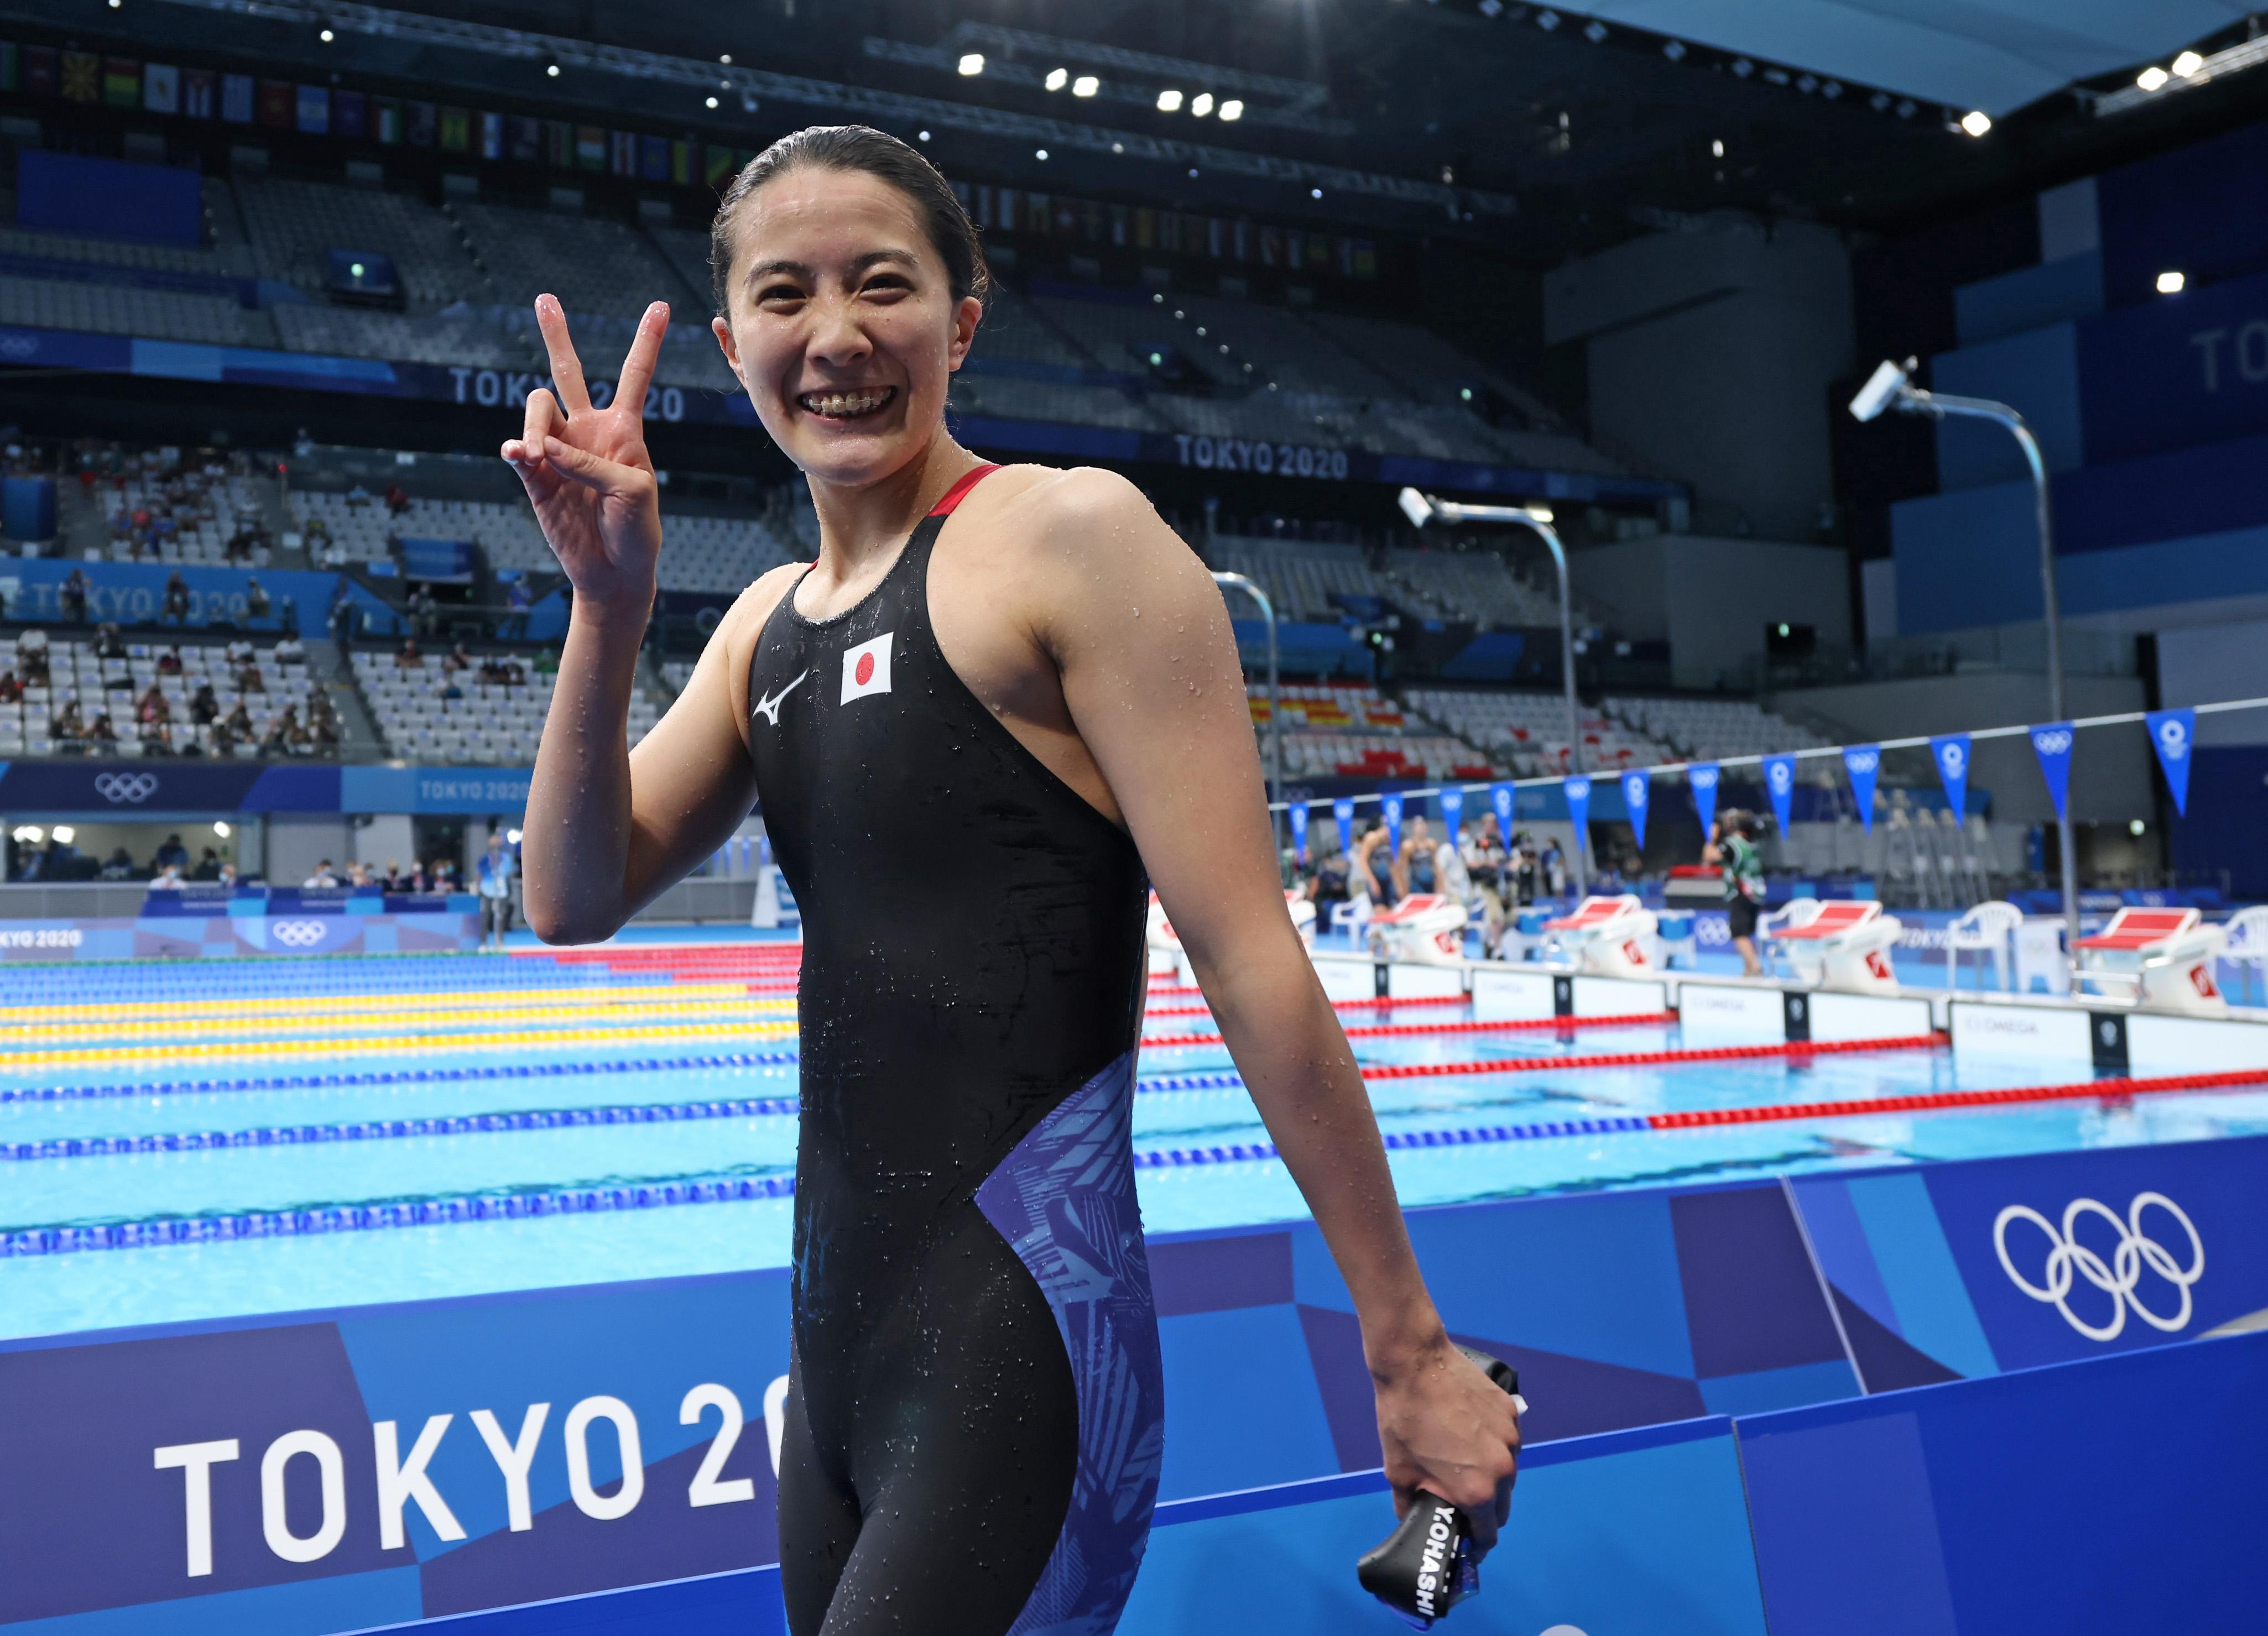 【東京五輪2020 競泳】女子200メートル個人メドレー決勝 優勝し笑顔の大橋悠依=28日、東京アクアティクスセンター(恵守乾撮影)